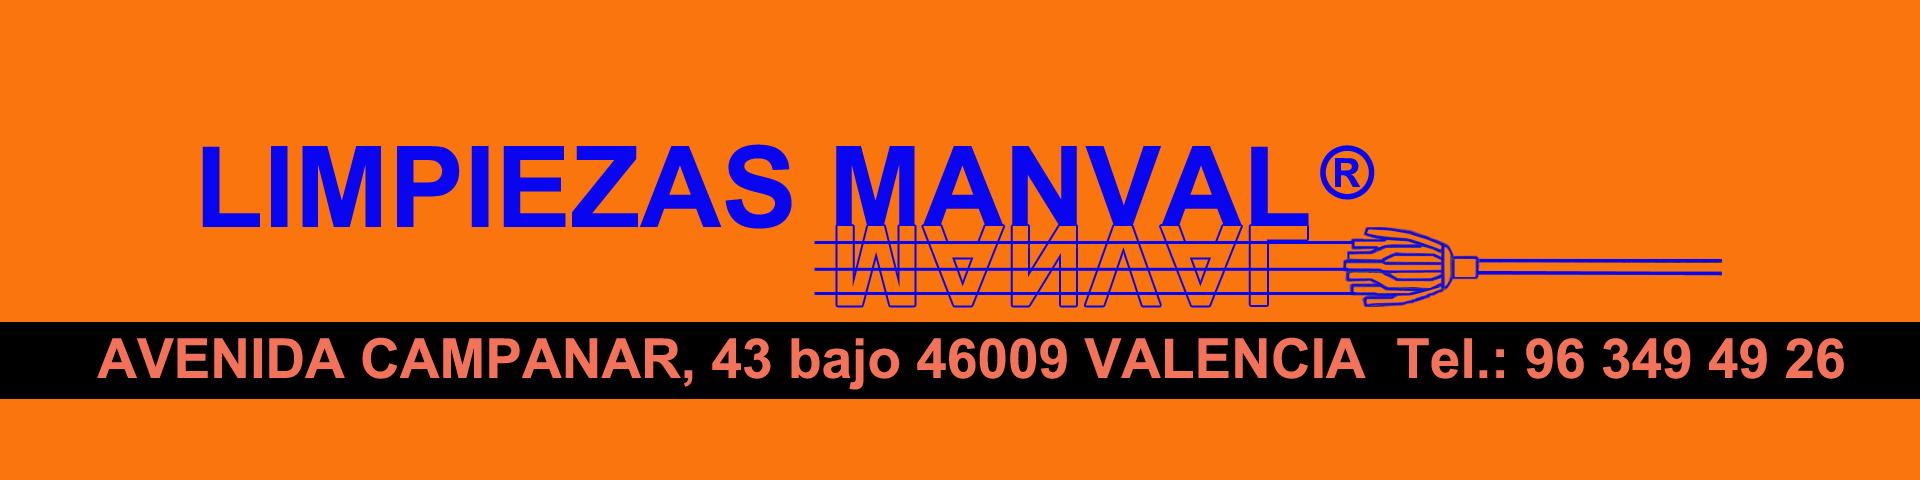 Empresas de Limpieza Valencia